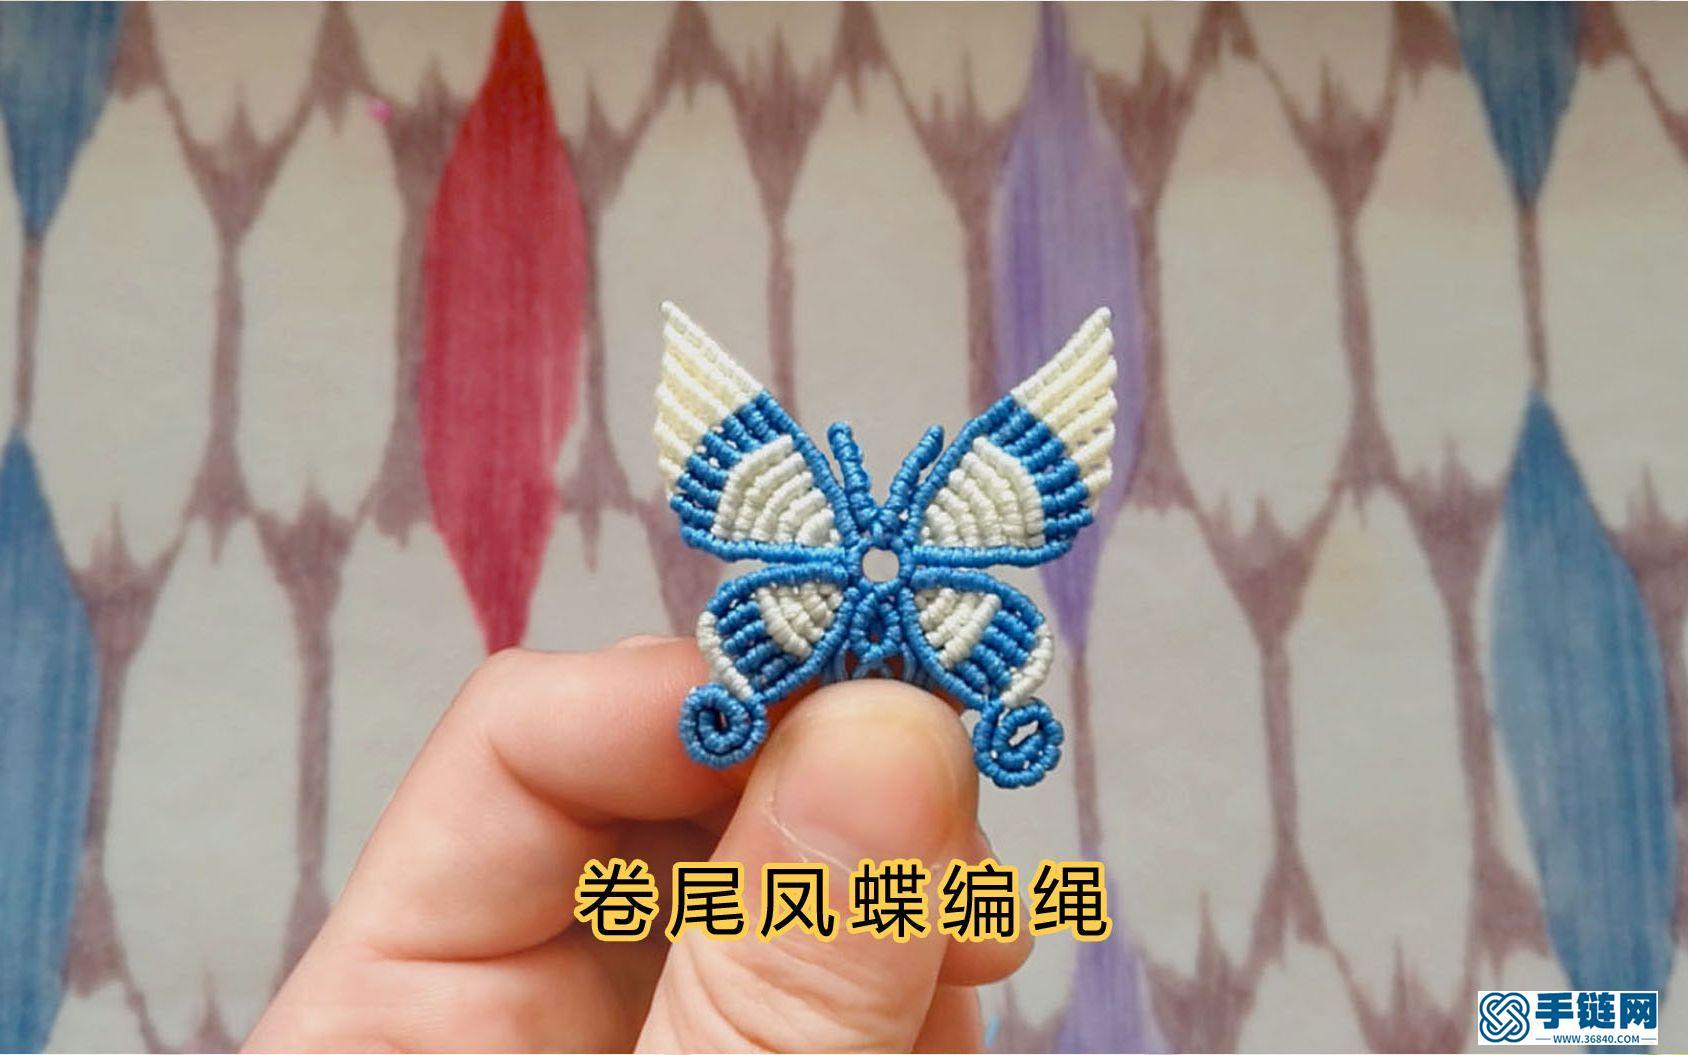 卷尾凤蝶 斜卷结应用编绳造型 做一只你心中的蝴蝶